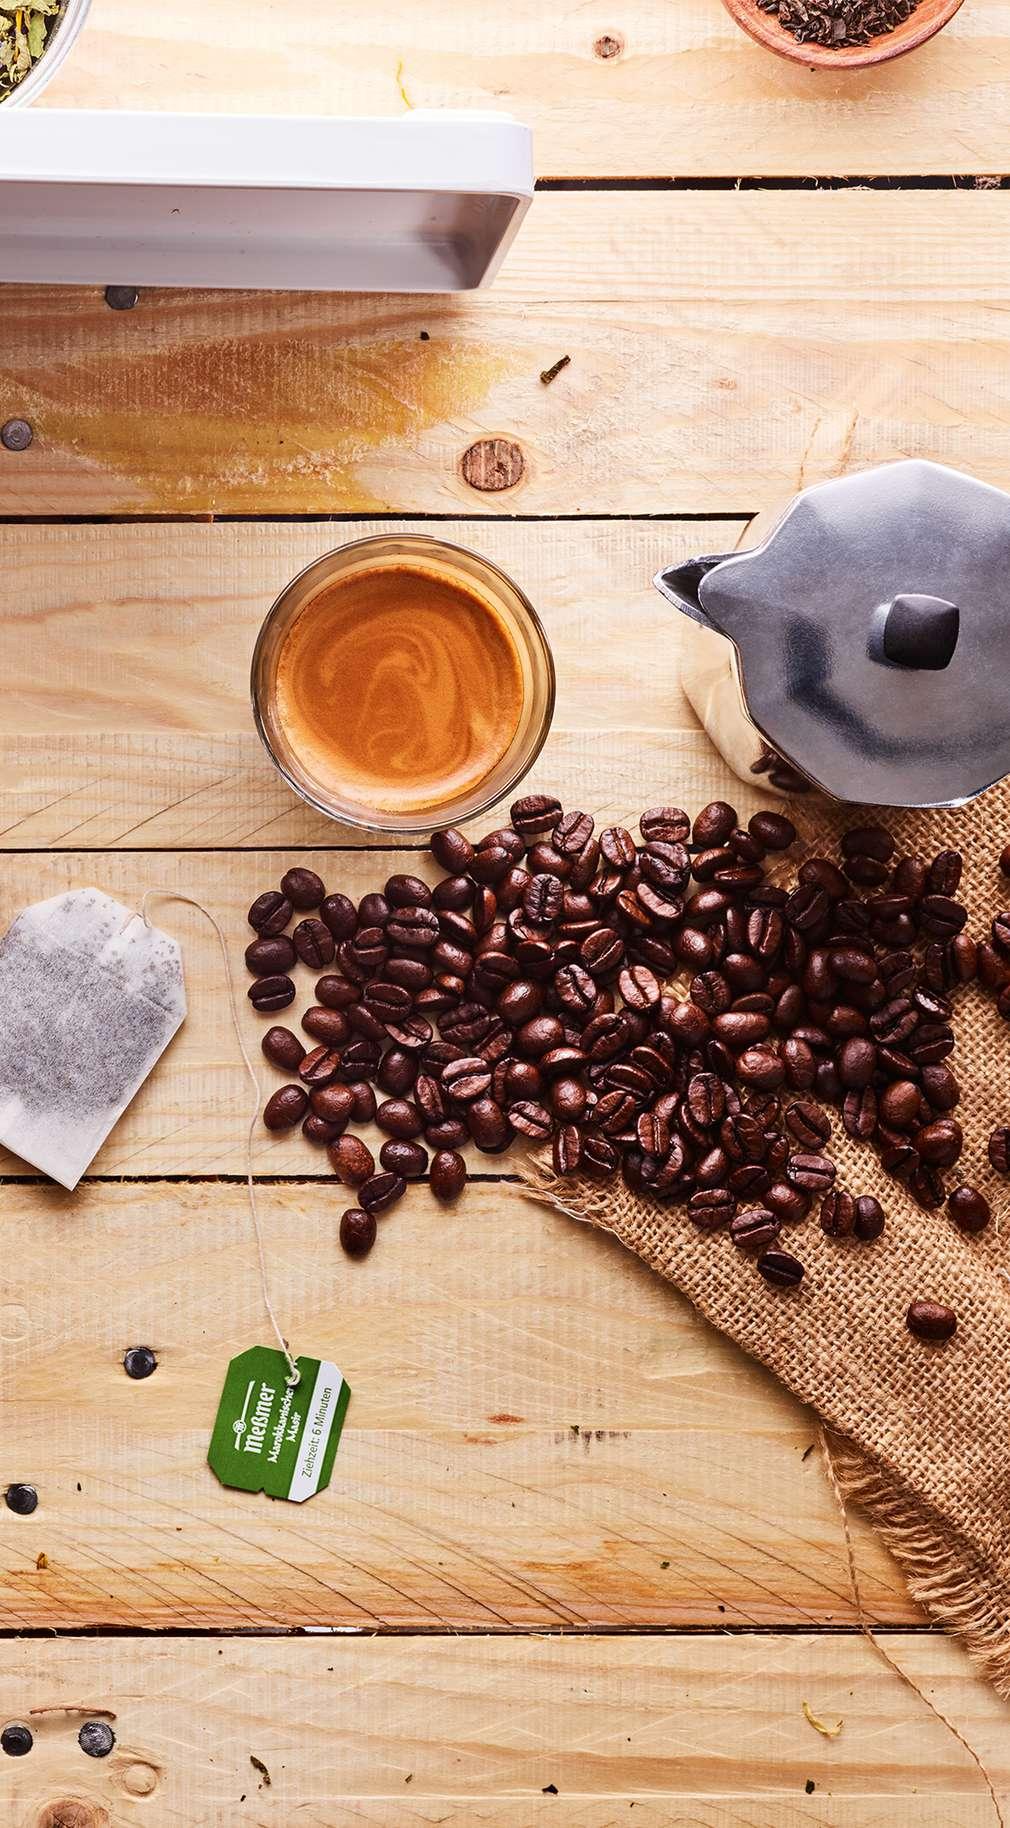 Kategória: Káva, čaj, sladké, slané